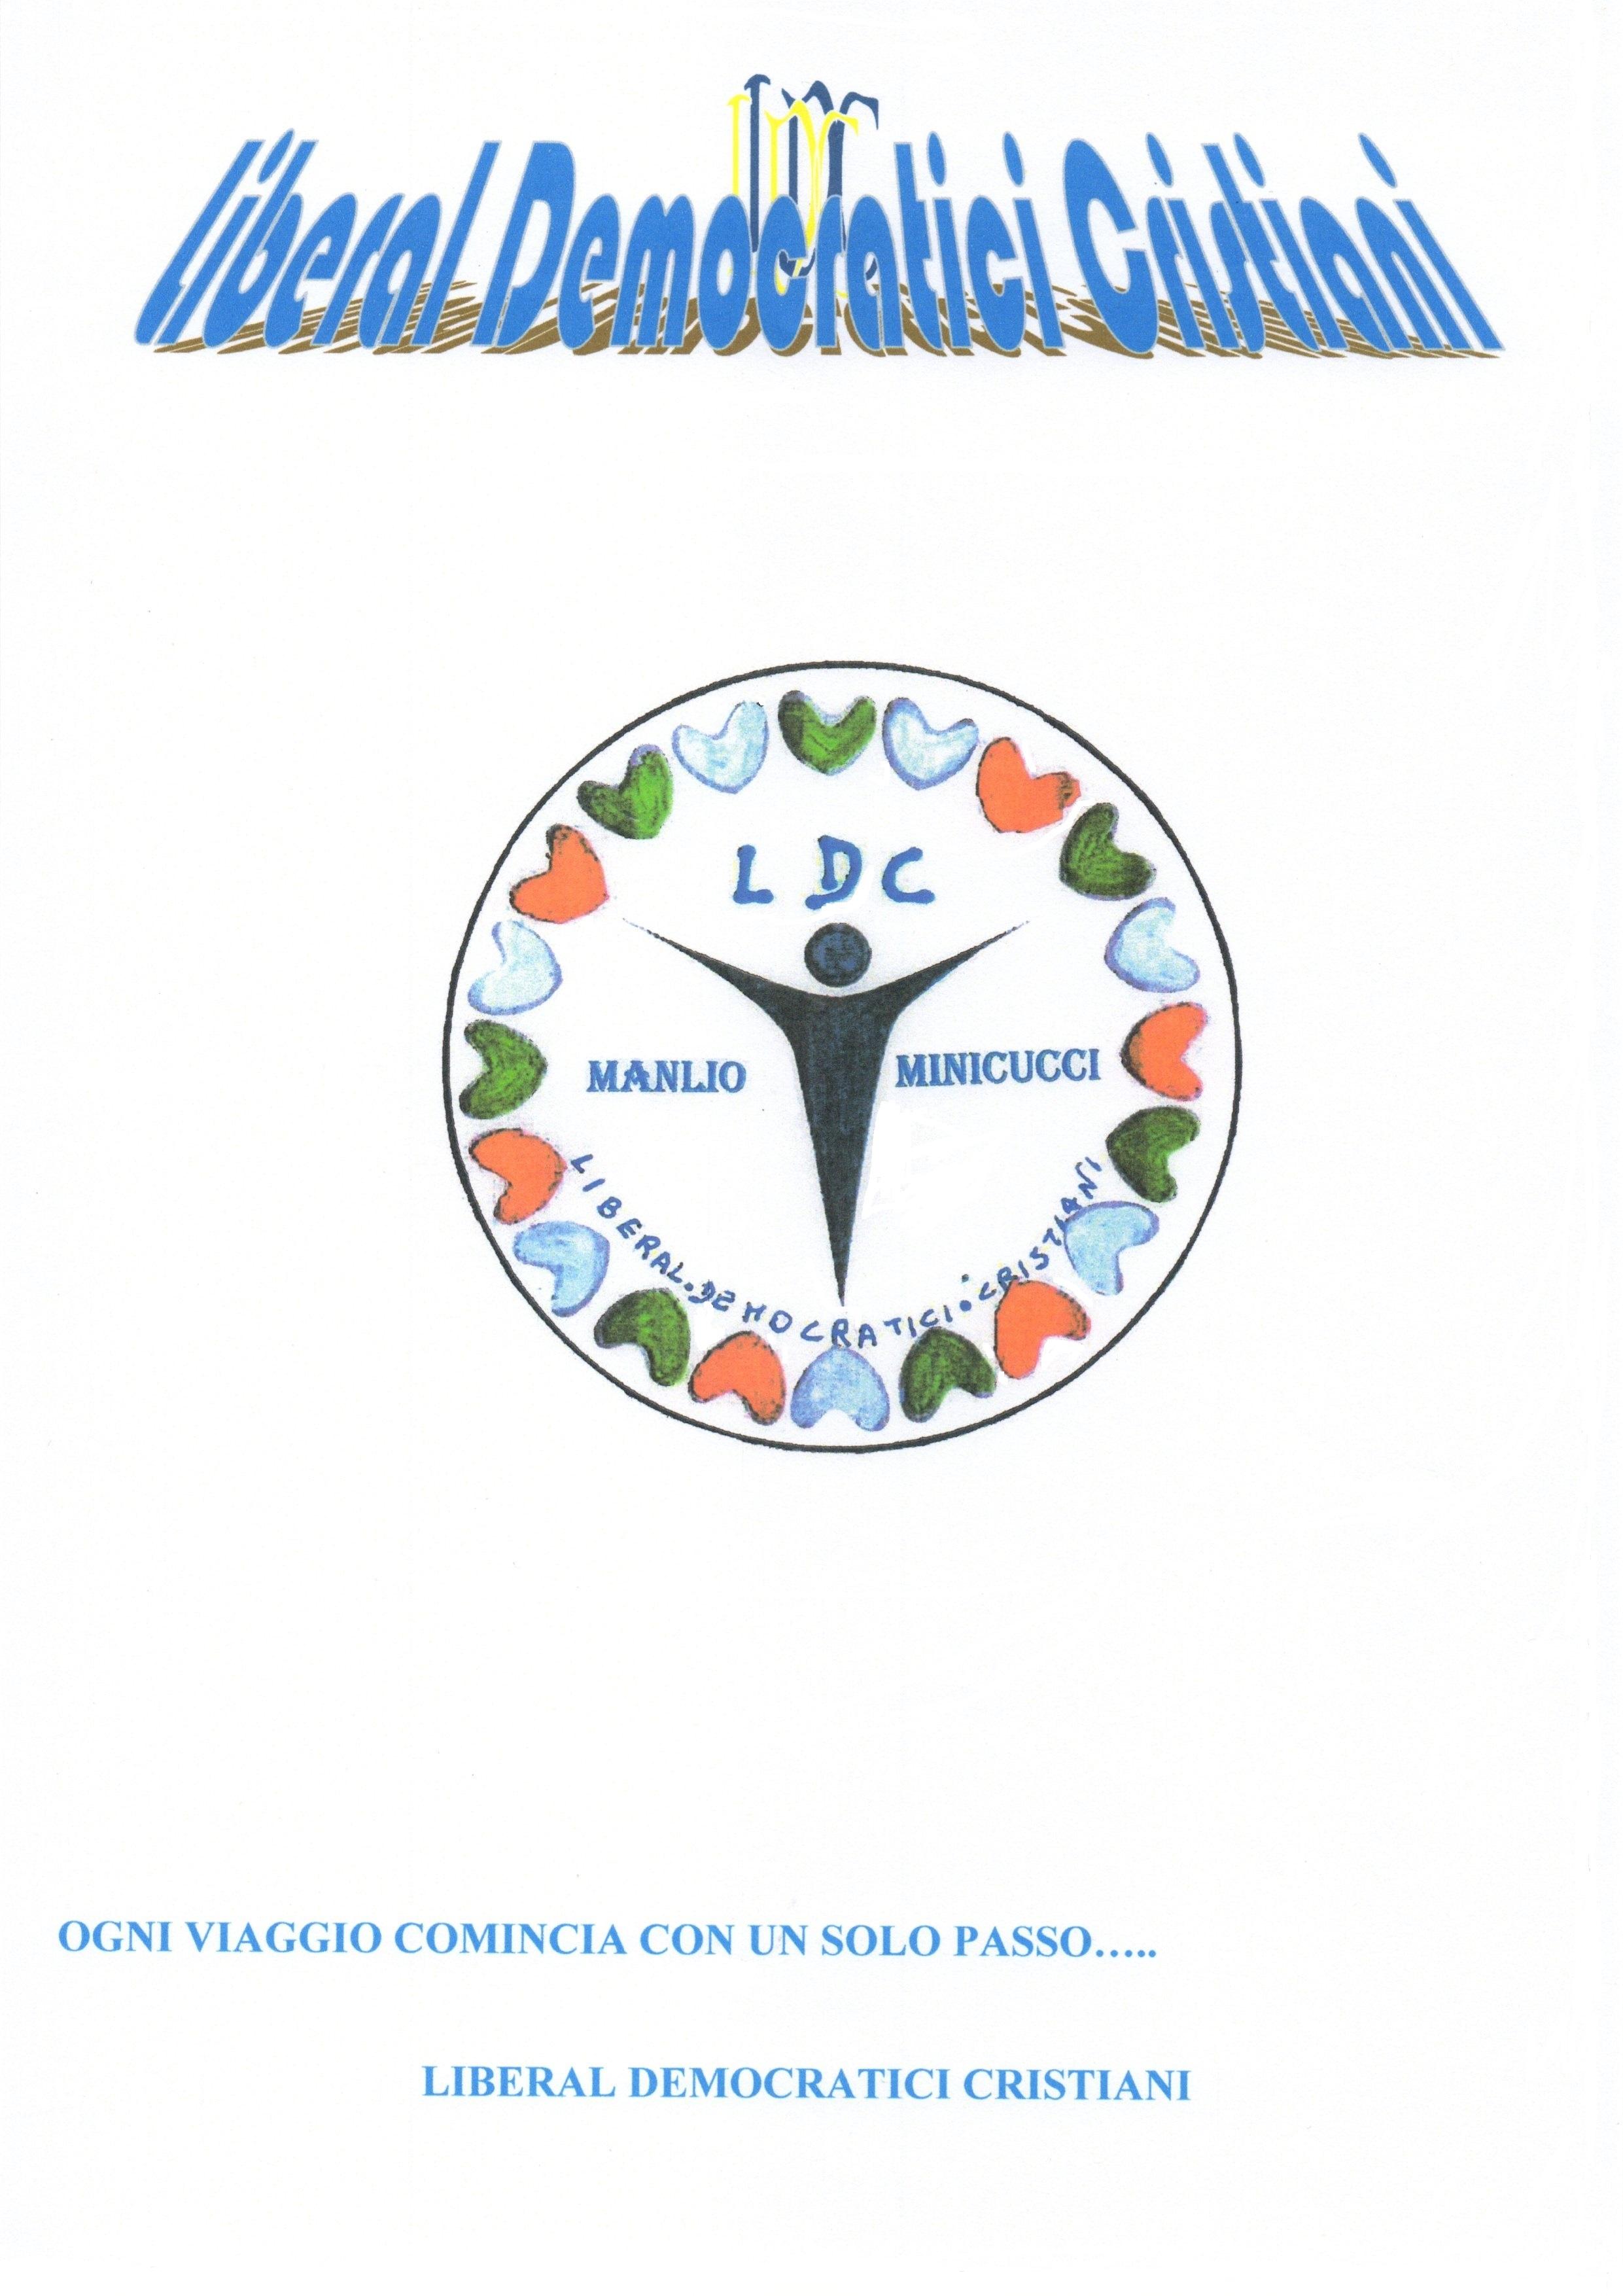 Post di LDC...Movimento politico di soluzioni al servizio dell'Italia...